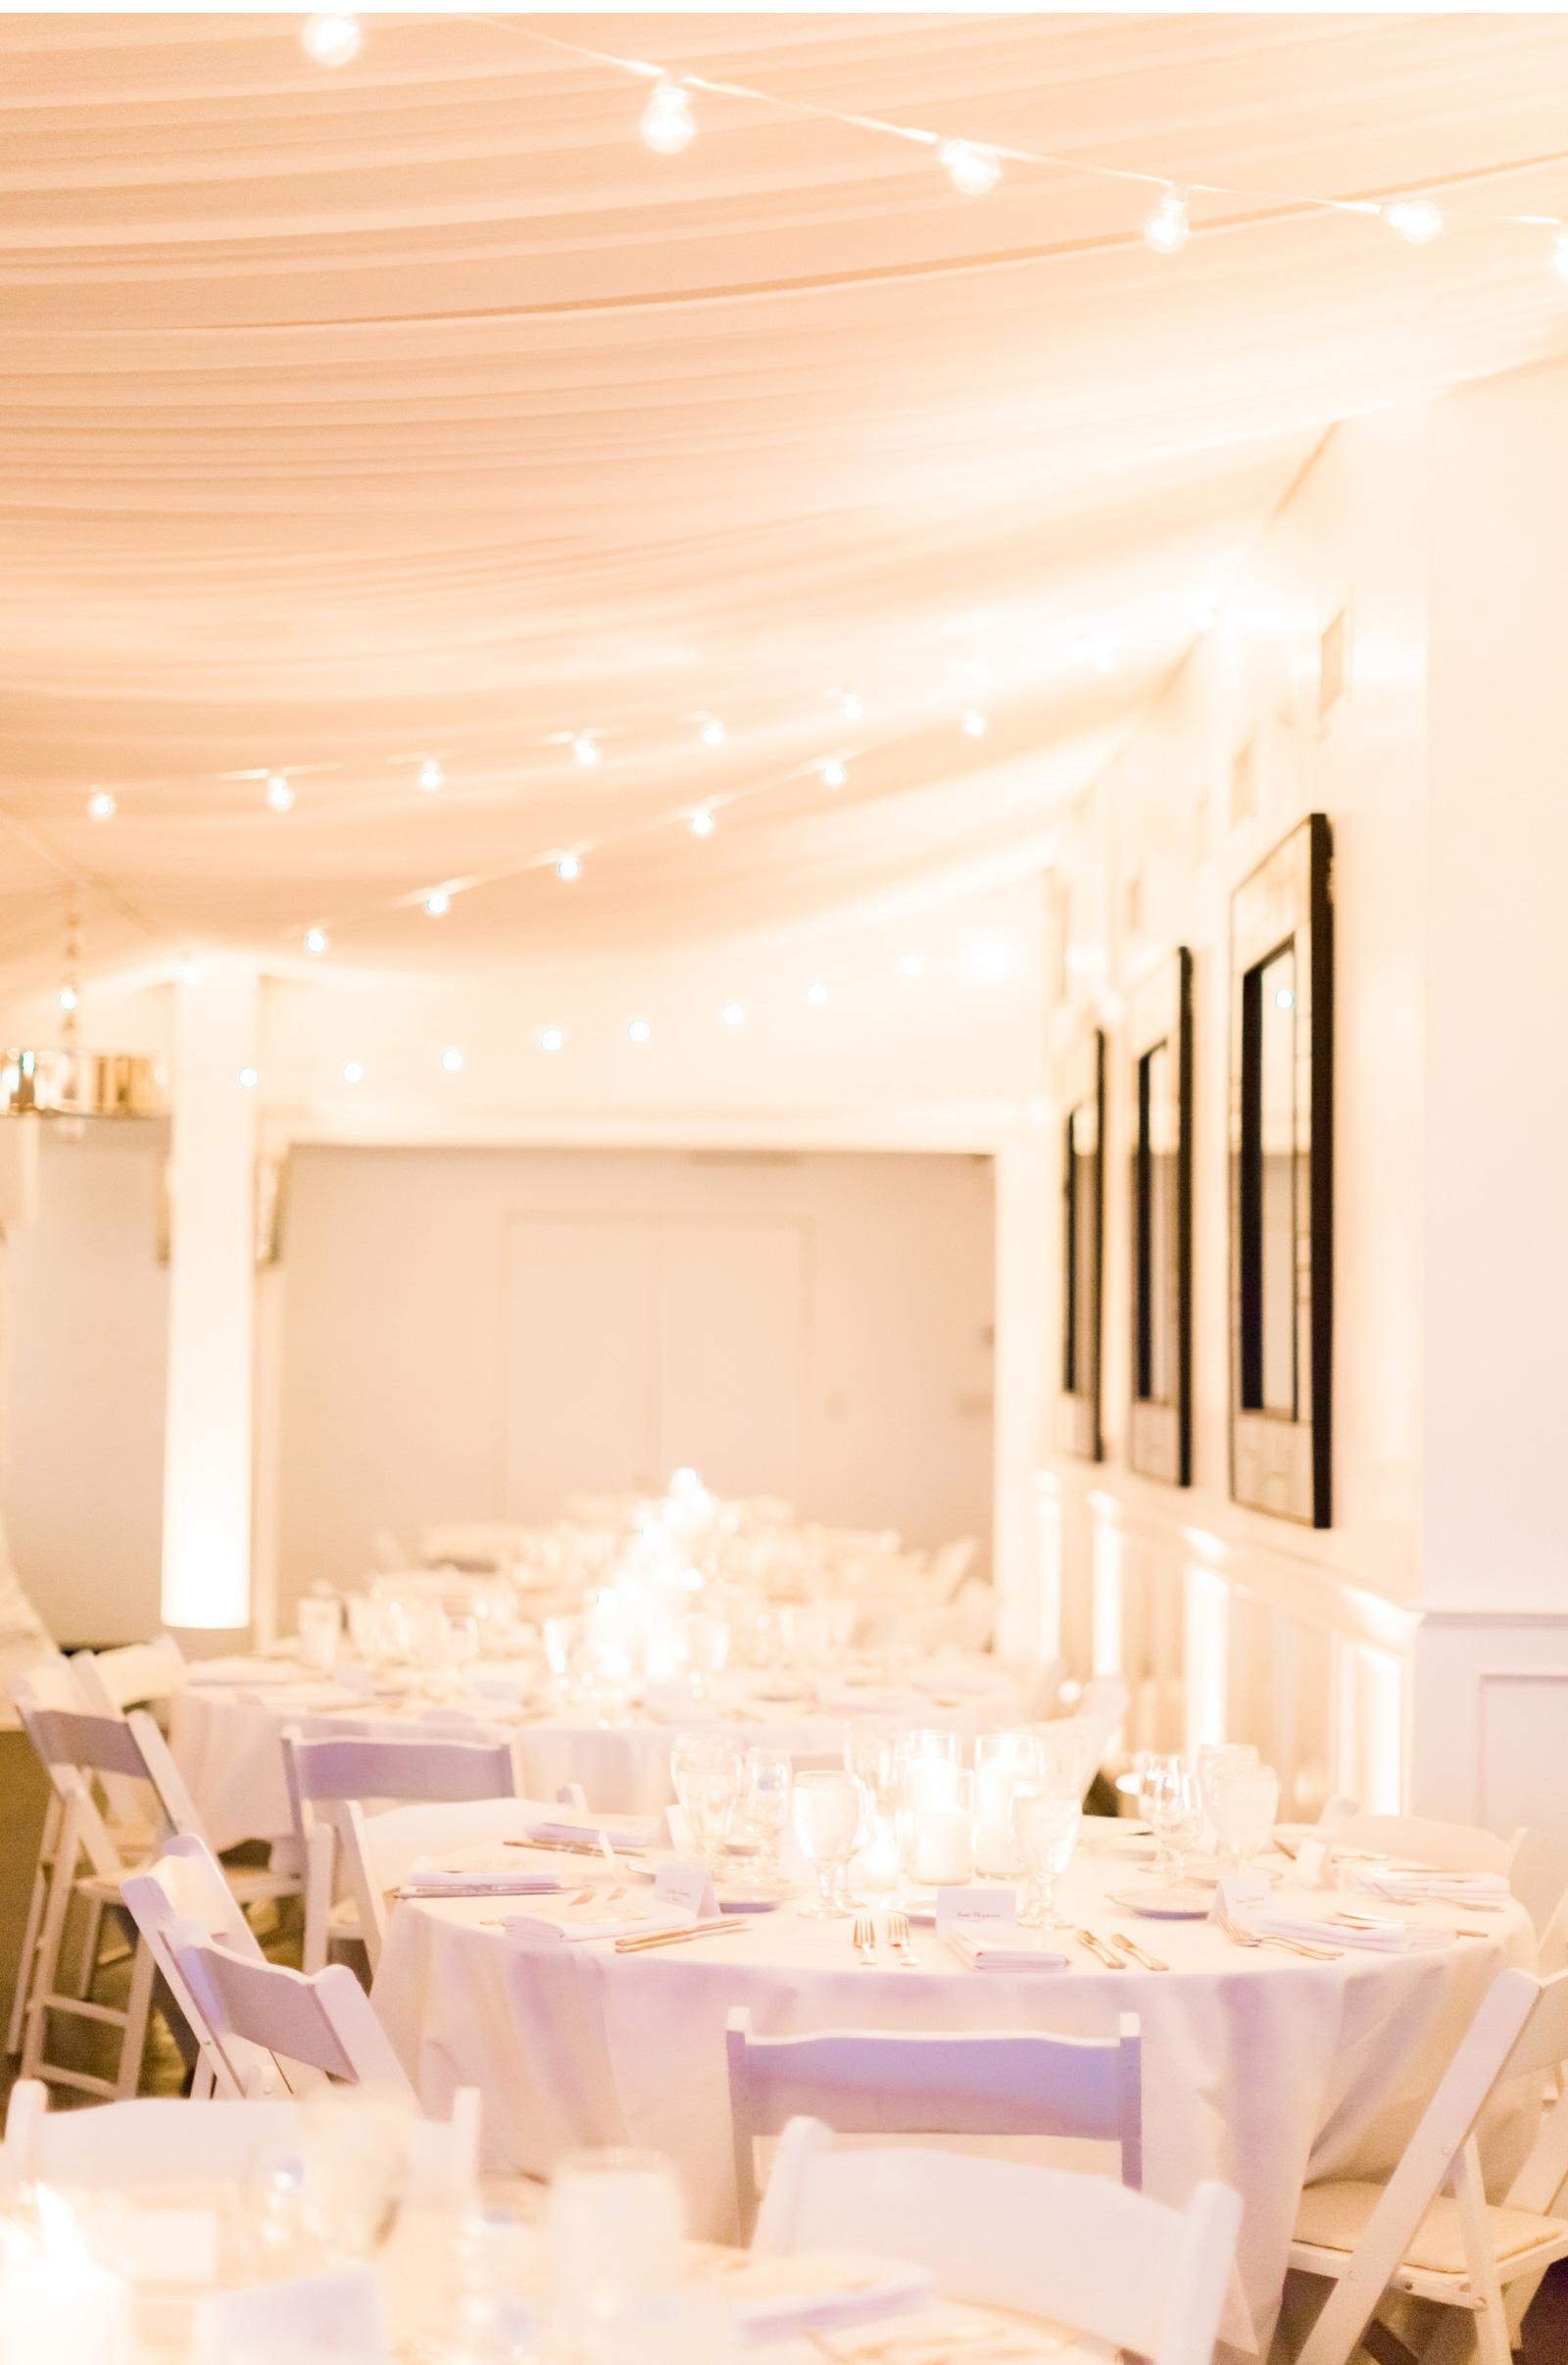 Sunset-Restaurant-Wedding-Natalie-Schutt-Photography_01_10.jpg